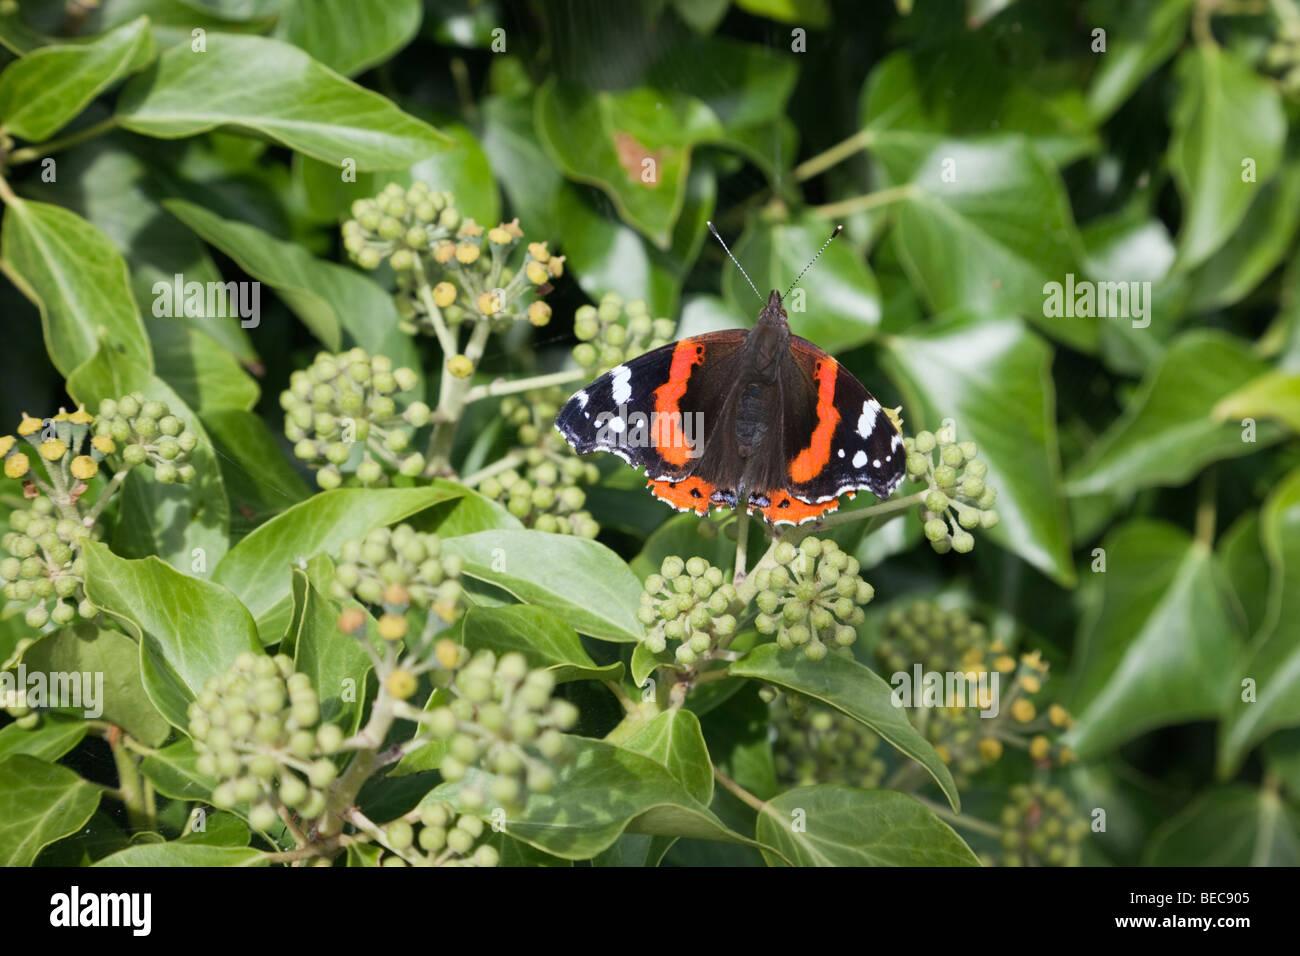 Naturaleza británico Almirante rojo butterfly (Vanessa Atalanta) sobre flores de hiedra (Hedera helix) a principios de otoño. País de Gales, Reino Unido, Gran Bretaña Foto de stock